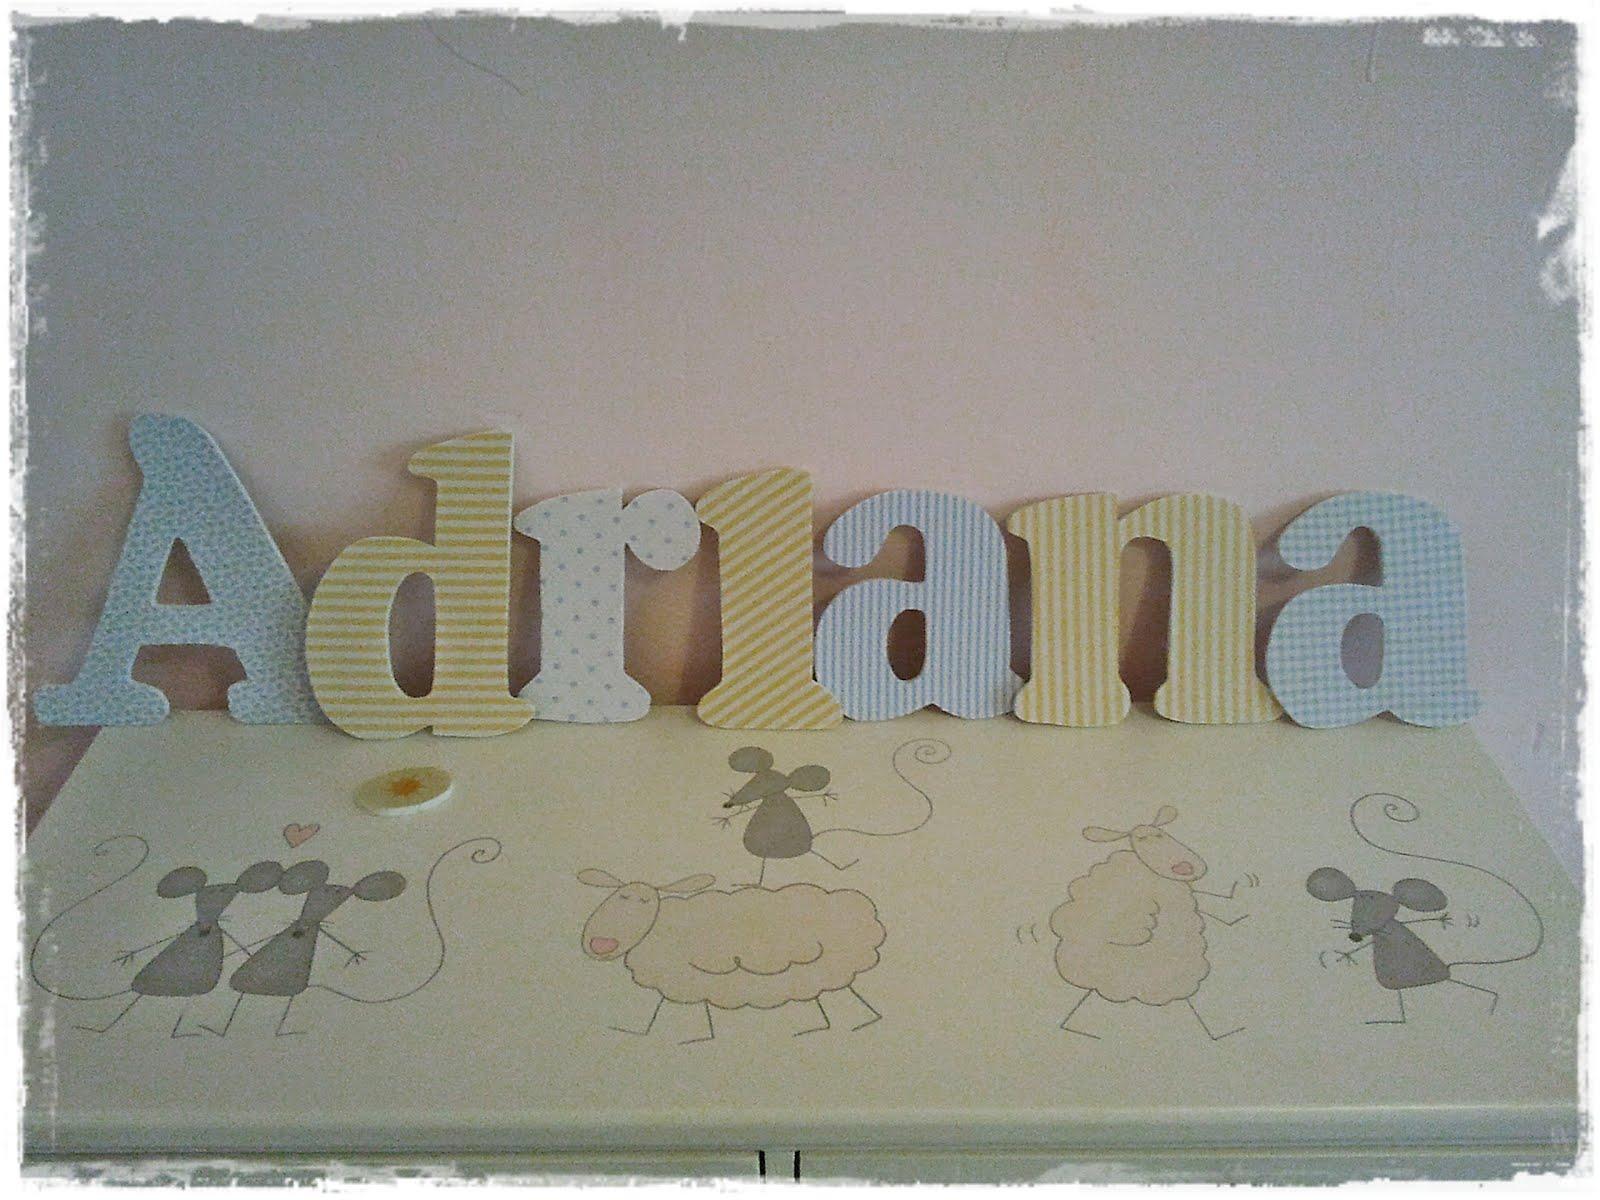 Qu de cucadas letras de pared para adriana - Letras adhesivas para pared ...